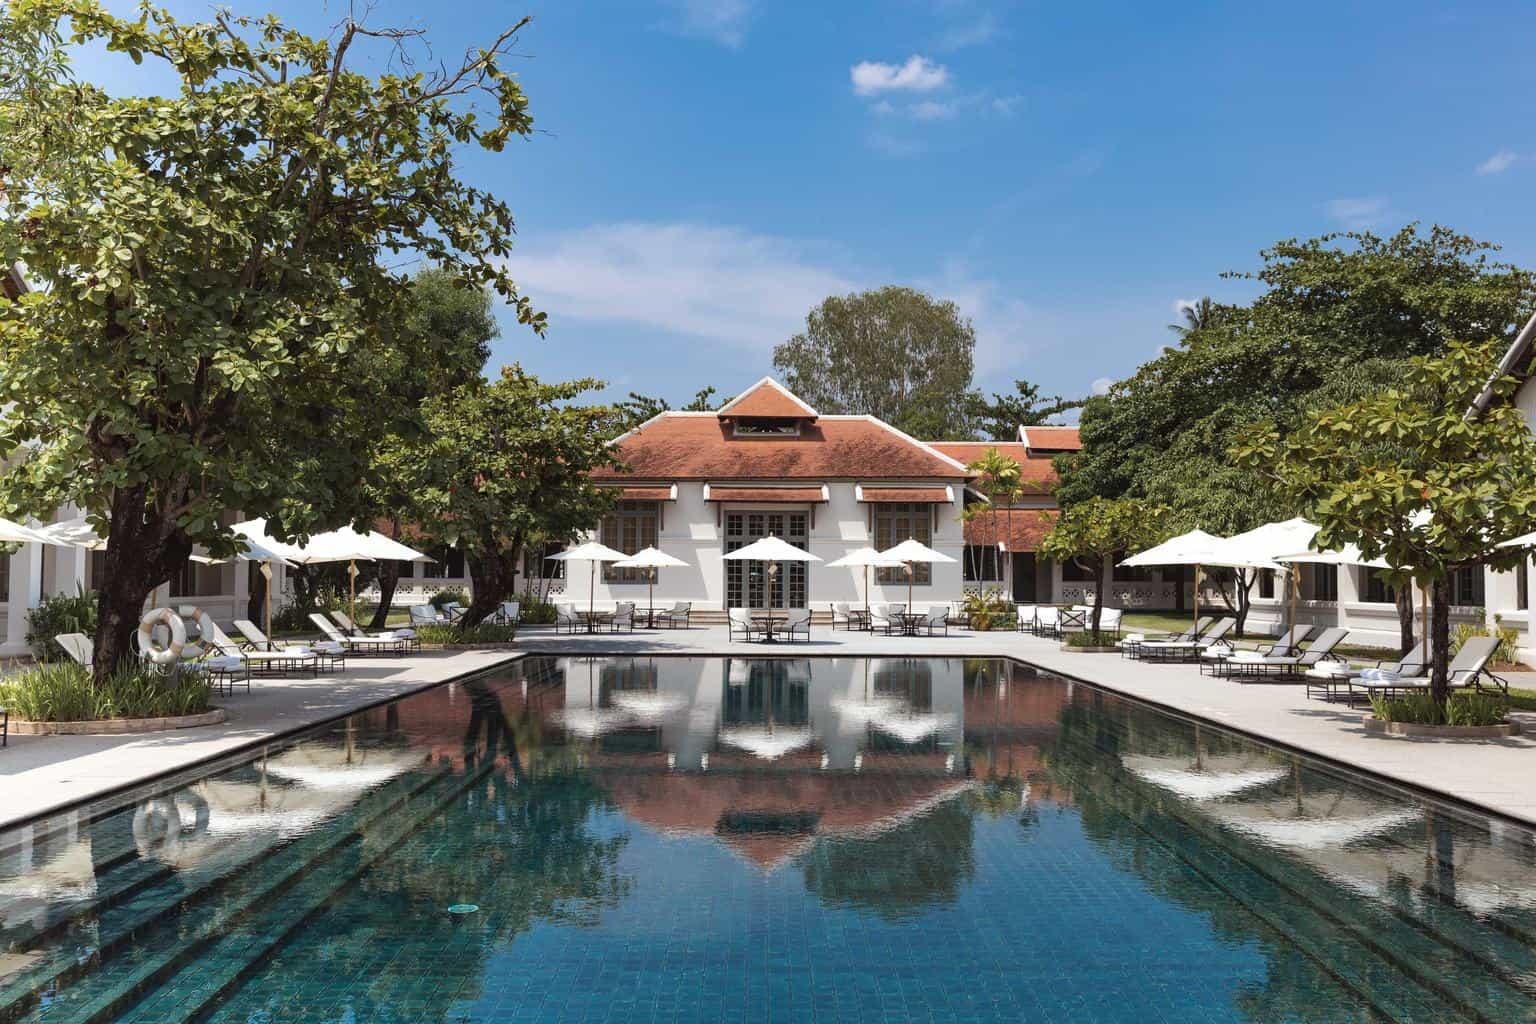 O-hotel-Amantaka-em-Luang-Prabang-está-instalado-em-uma-propriedade-histórica-rodeada-por-áreas-verdes.